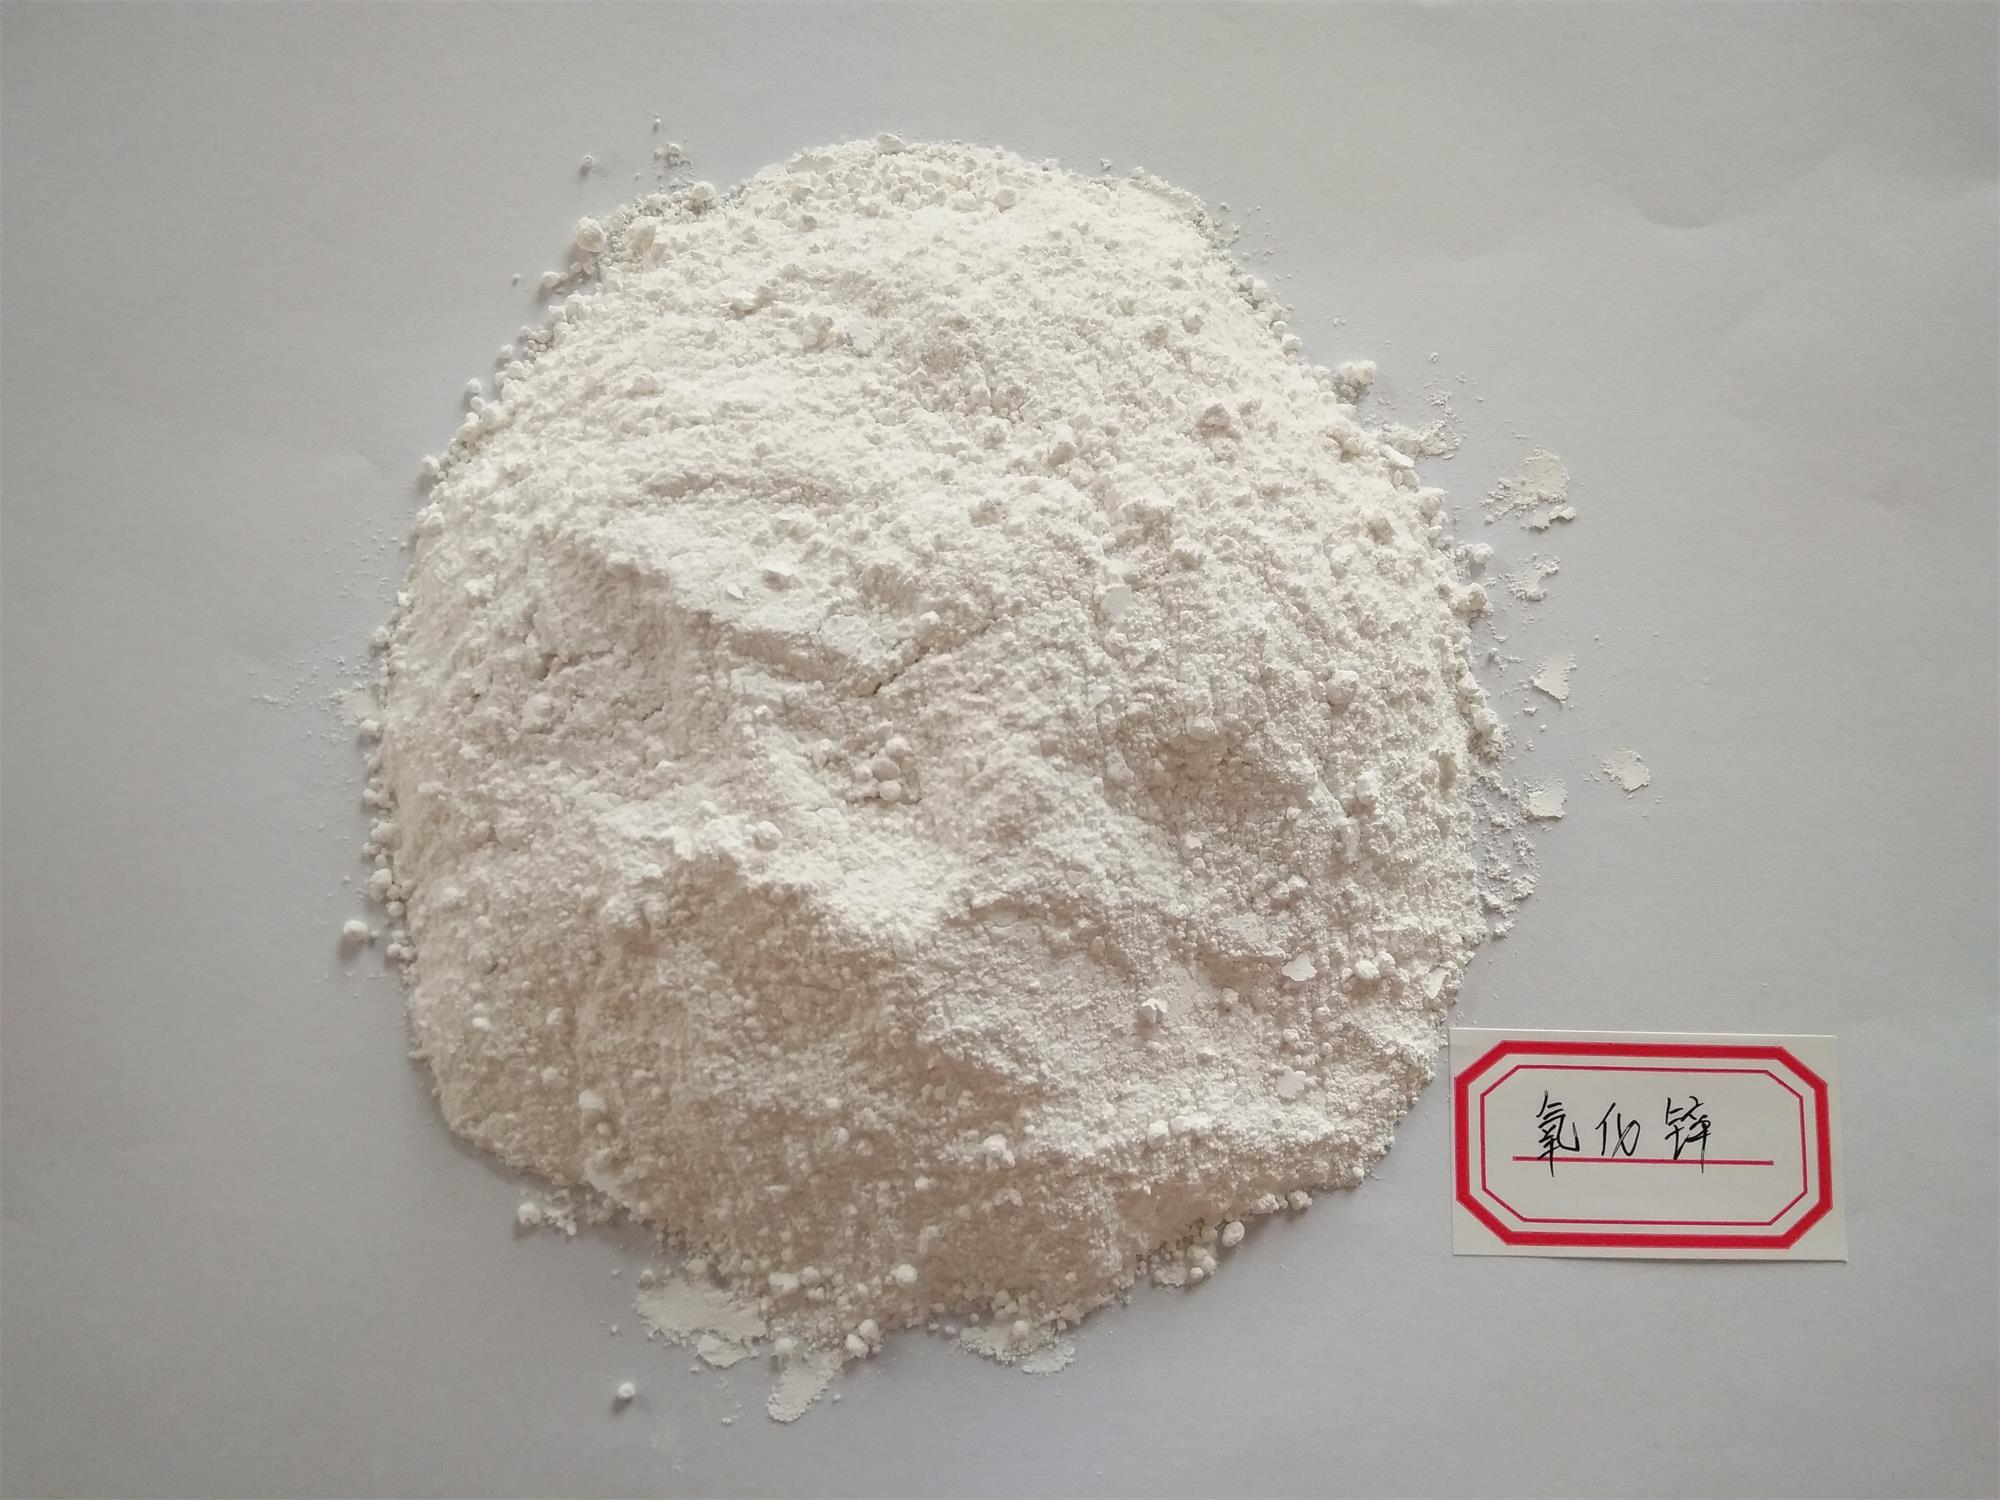 福建氧化锌厂家,塑料助剂应用技术之增塑剂